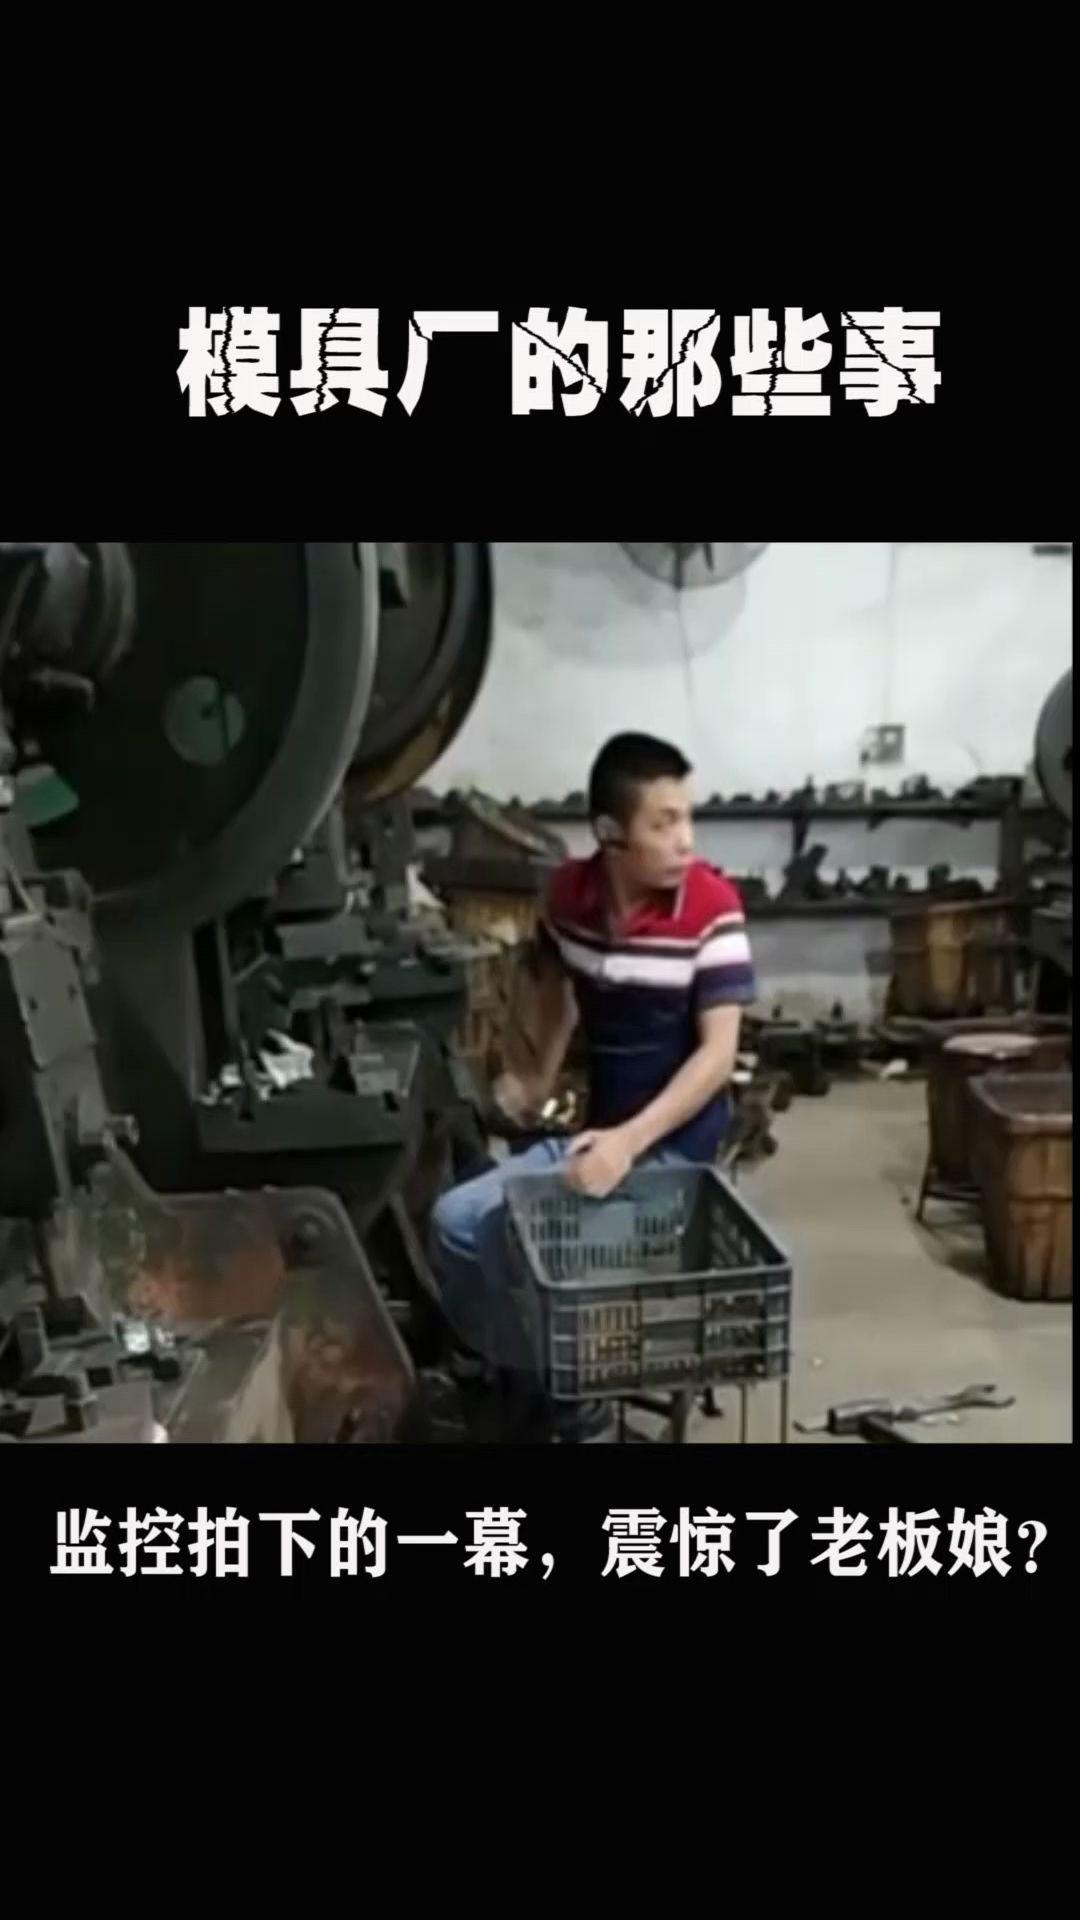 数控车床五金加工厂_模具冲压厂监控下的一幕,震惊了老板娘_哔哩哔哩 (゜-゜)つロ ...